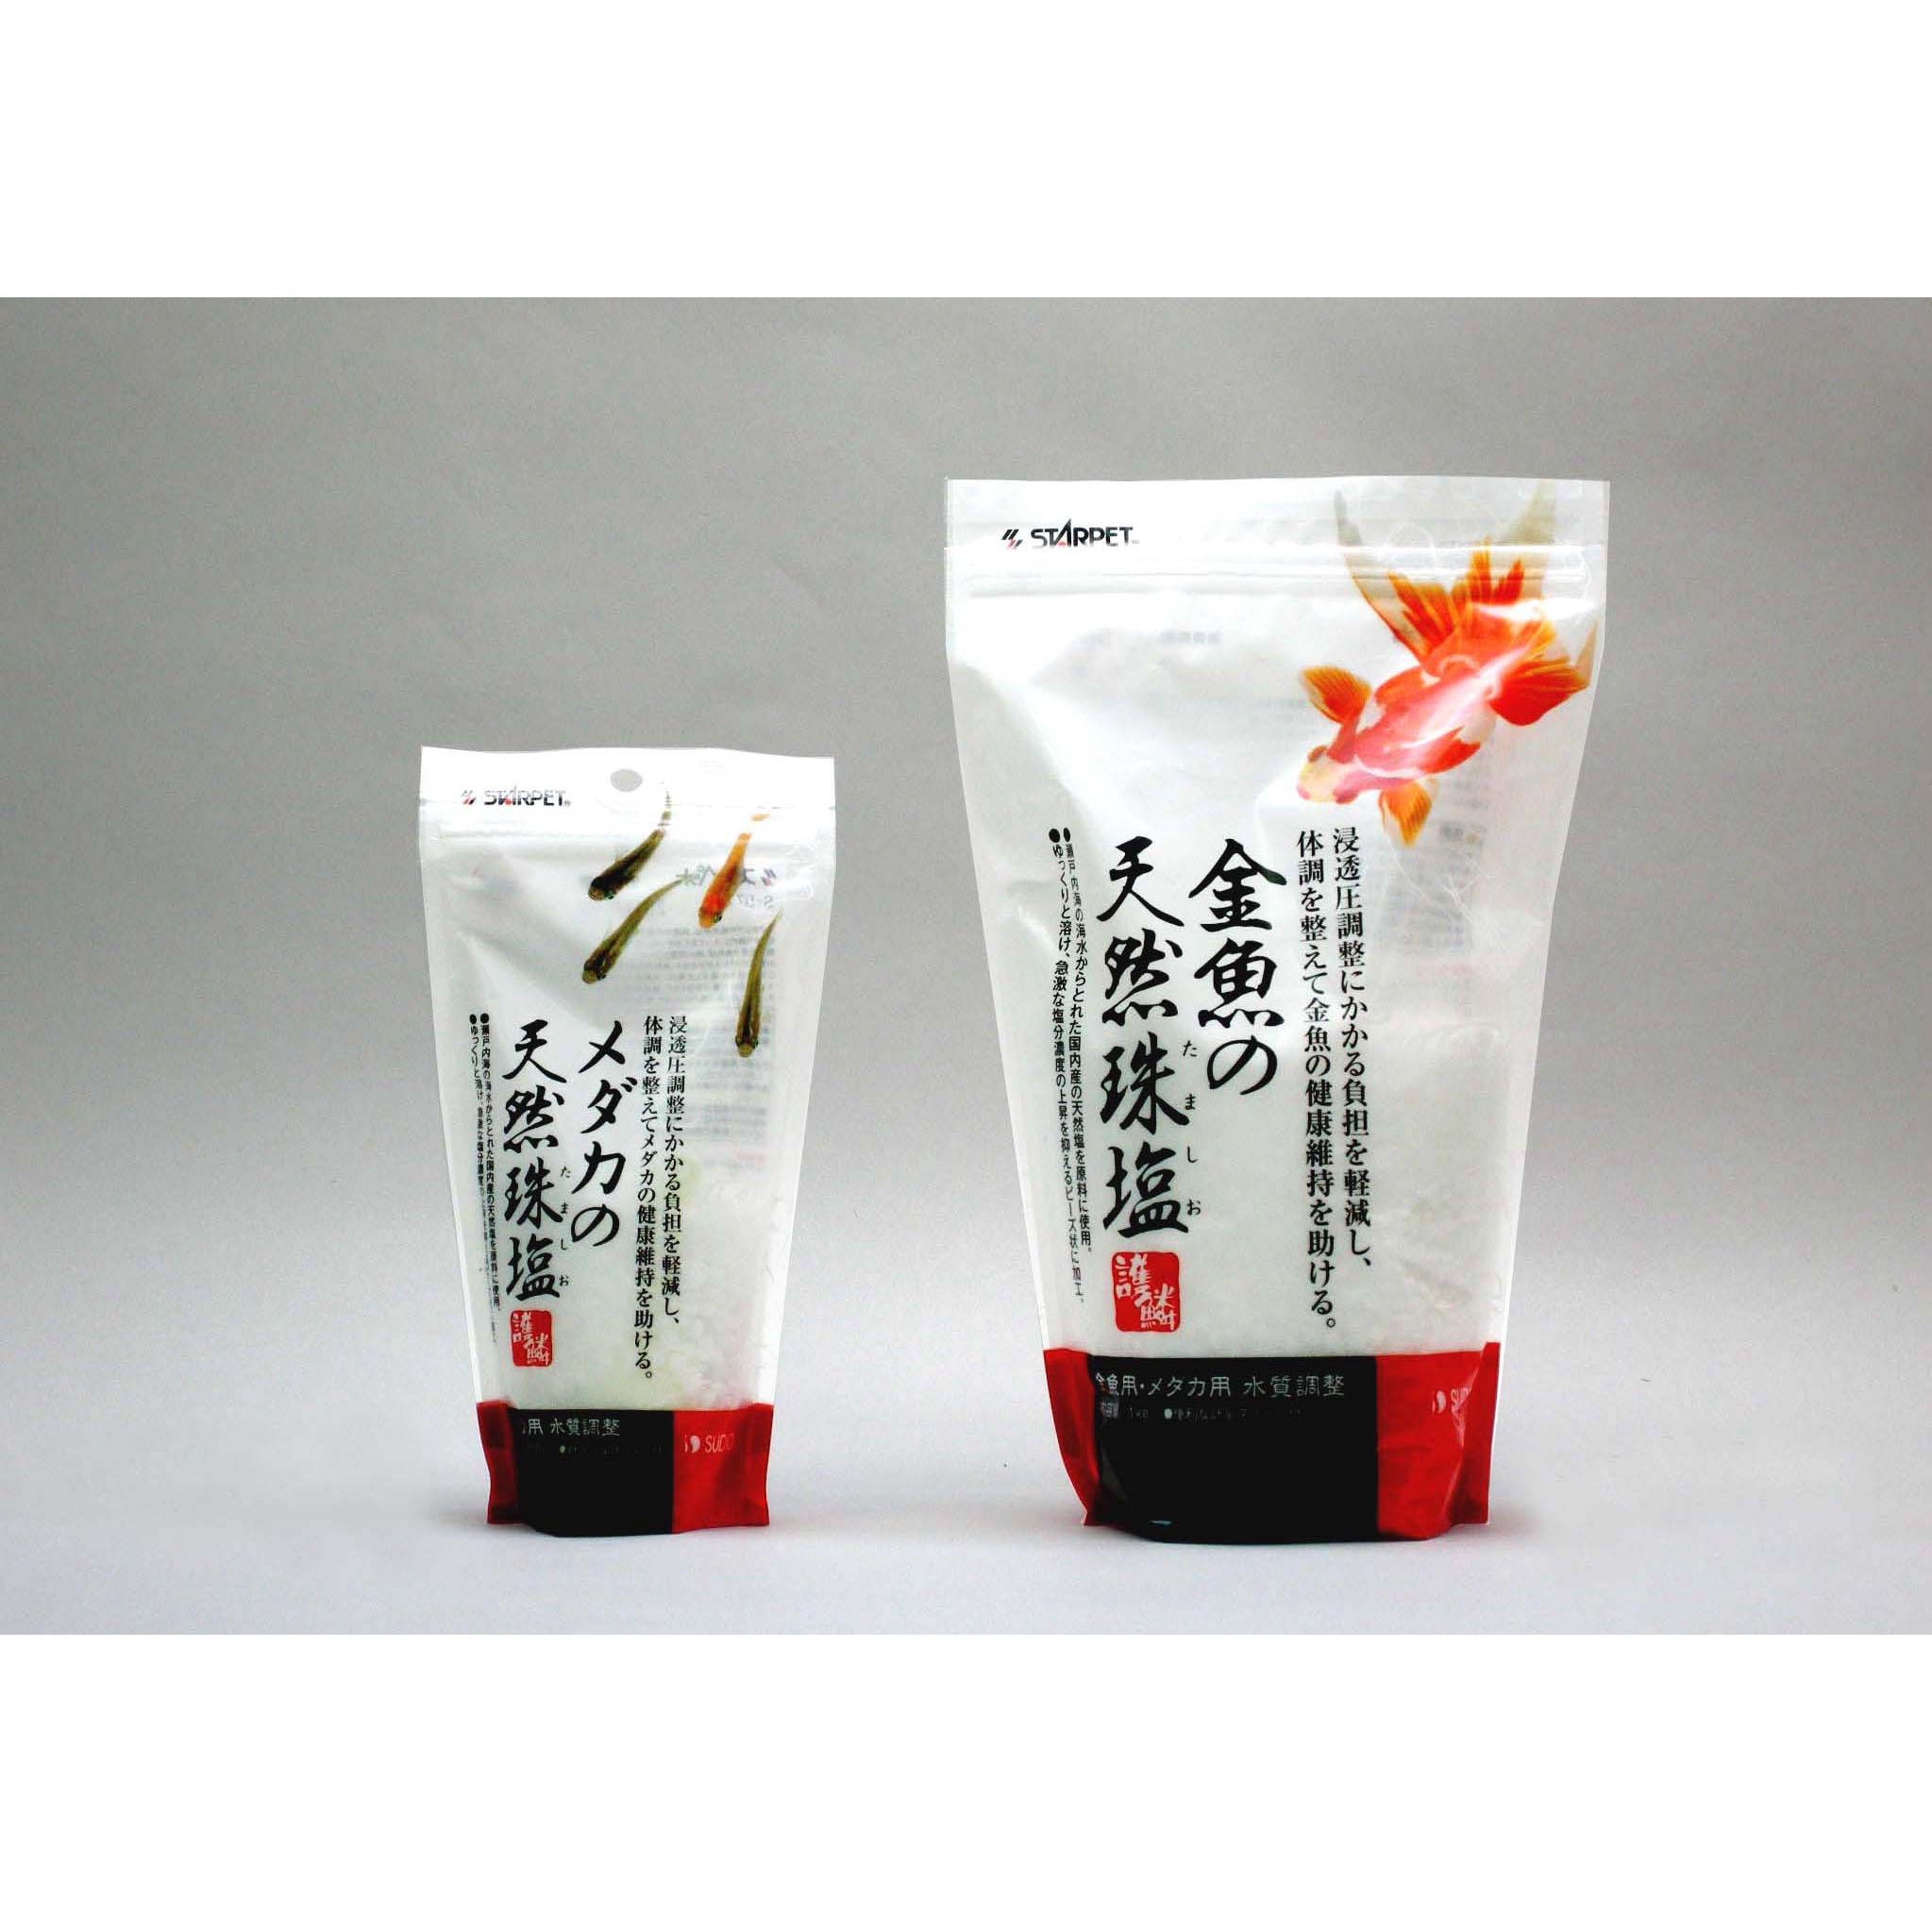 金魚の天然珠塩 (1kg)